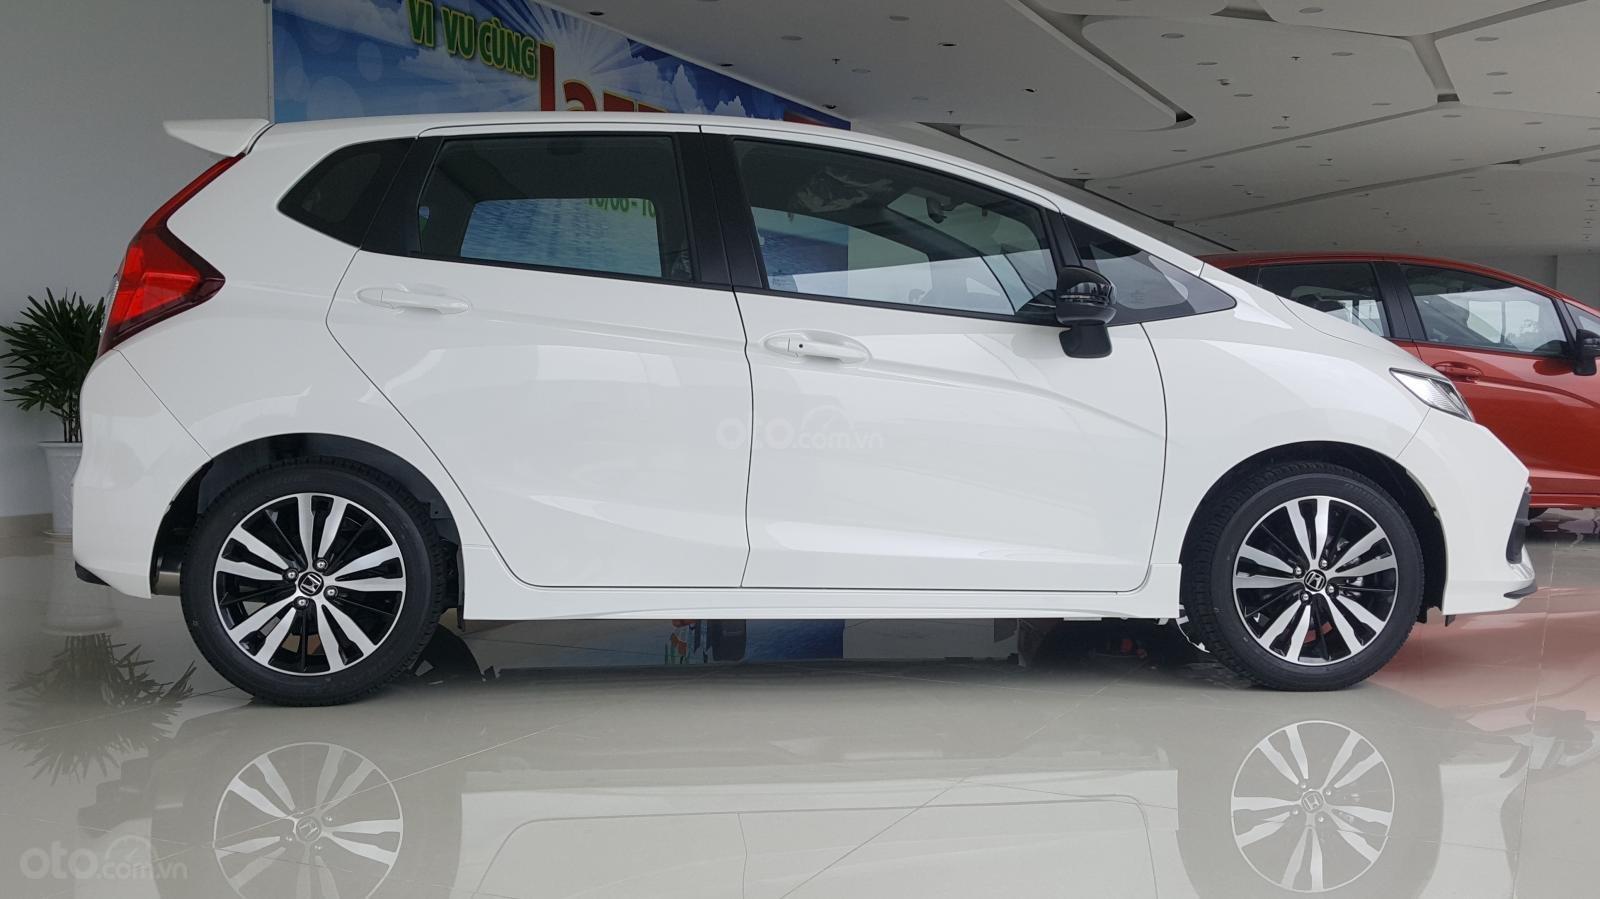 [SG] Bán Honda Jazz, màu trắng - Nhập Thái Lan - Tặng hơn 100 triệu - xin LH: 0901.898.383-1